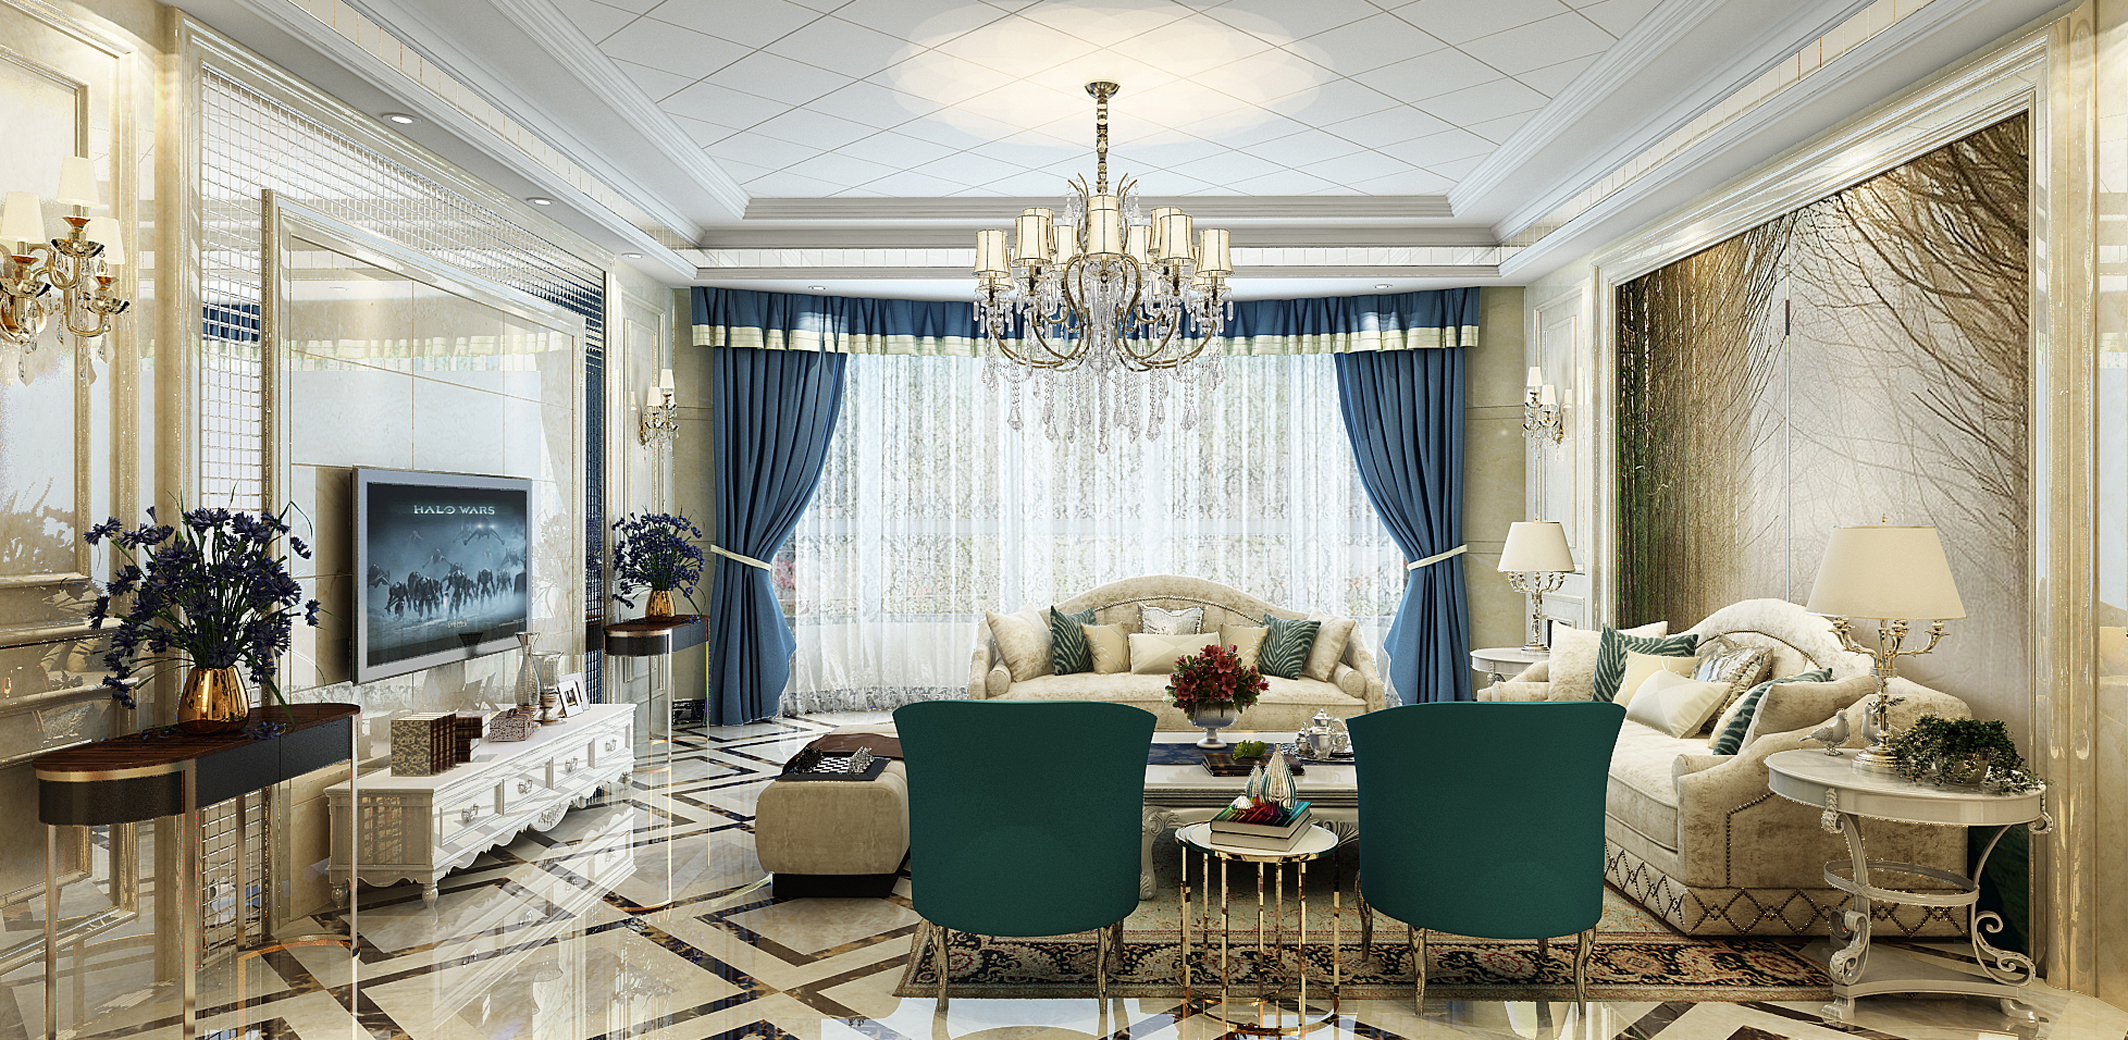 豪华欧式客厅装修效果图,豪华欧式客厅装修效果图案例_2018装修效果